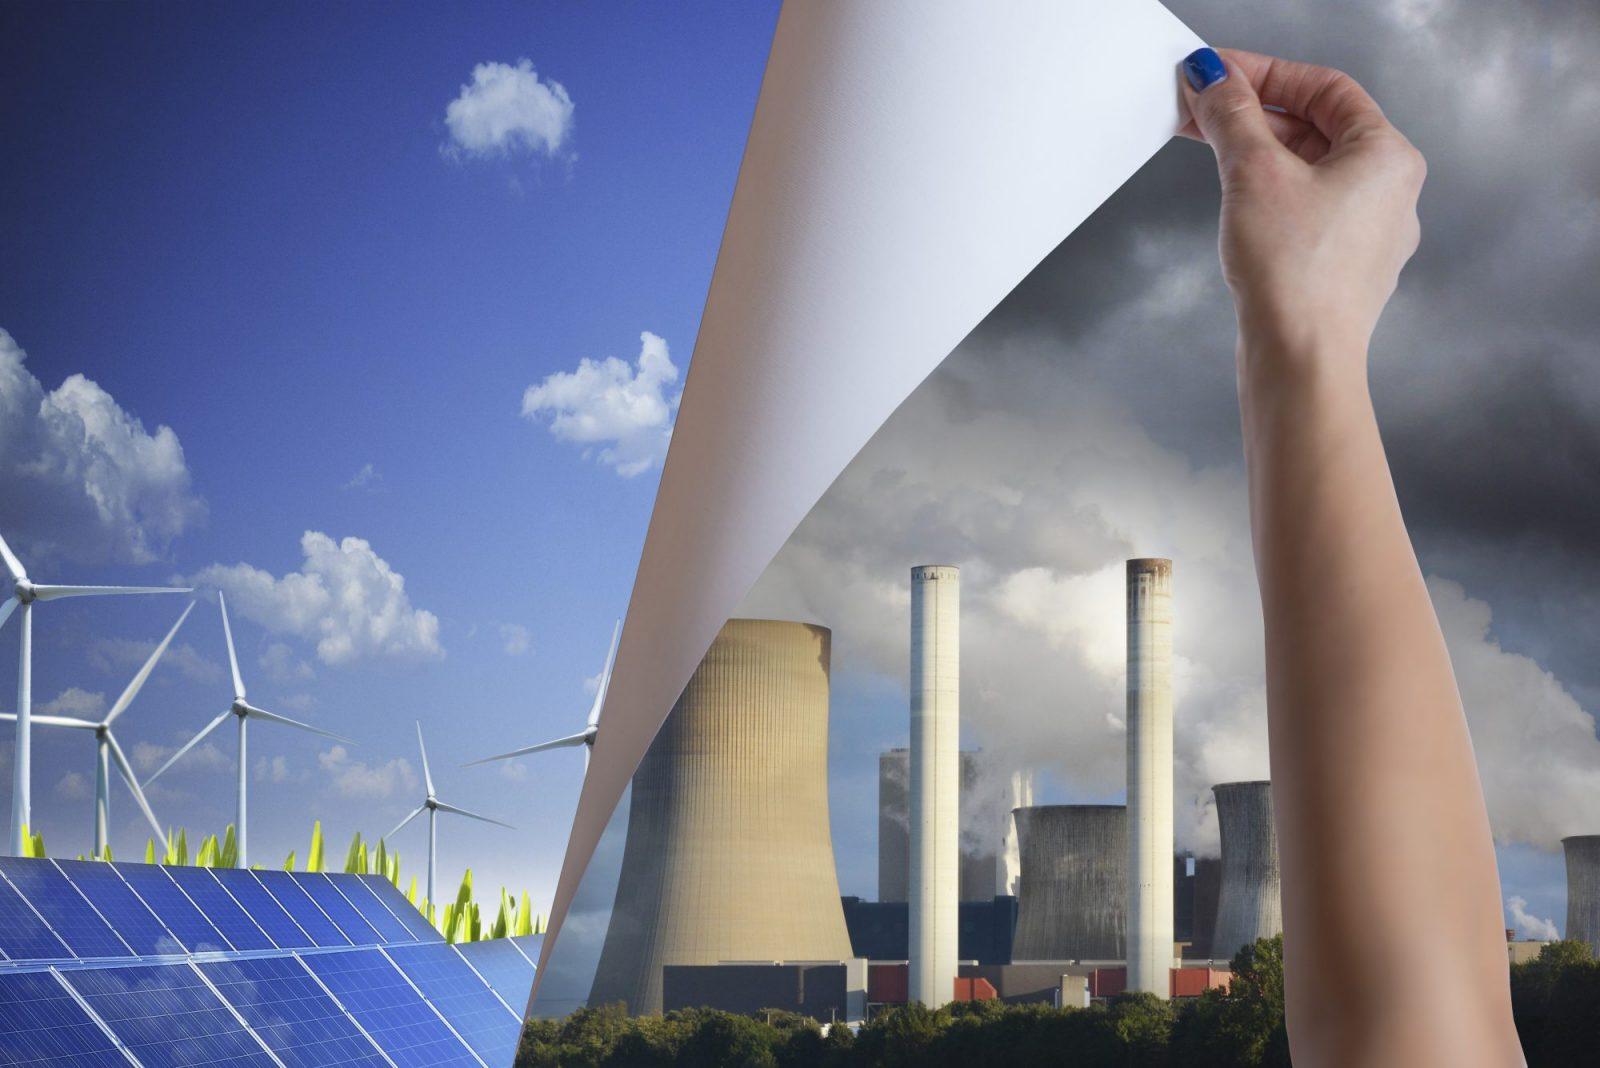 Fornecimento de energia atinge melhores níveis históricos de qualidade em 2019